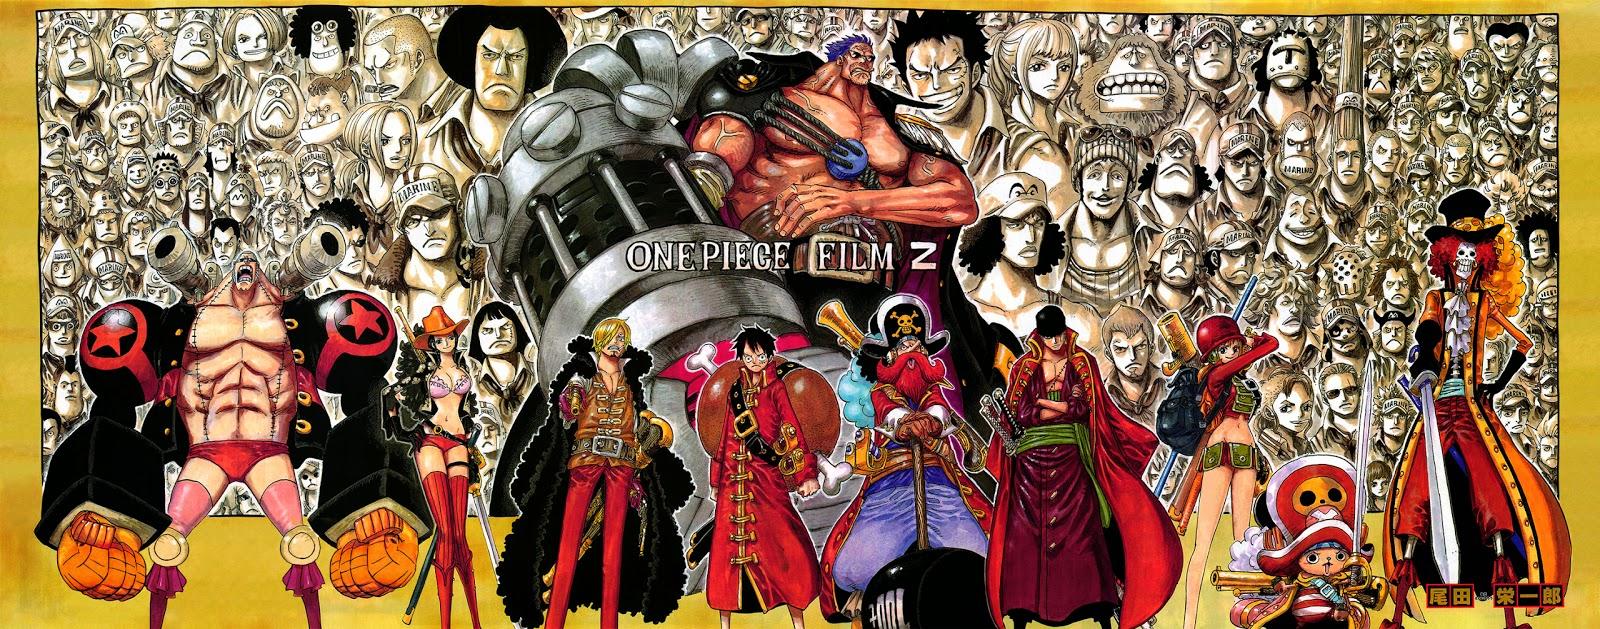 Bảng Xếp Hạng Những Nhân Vật Mạnh Nhất Trong One Piece